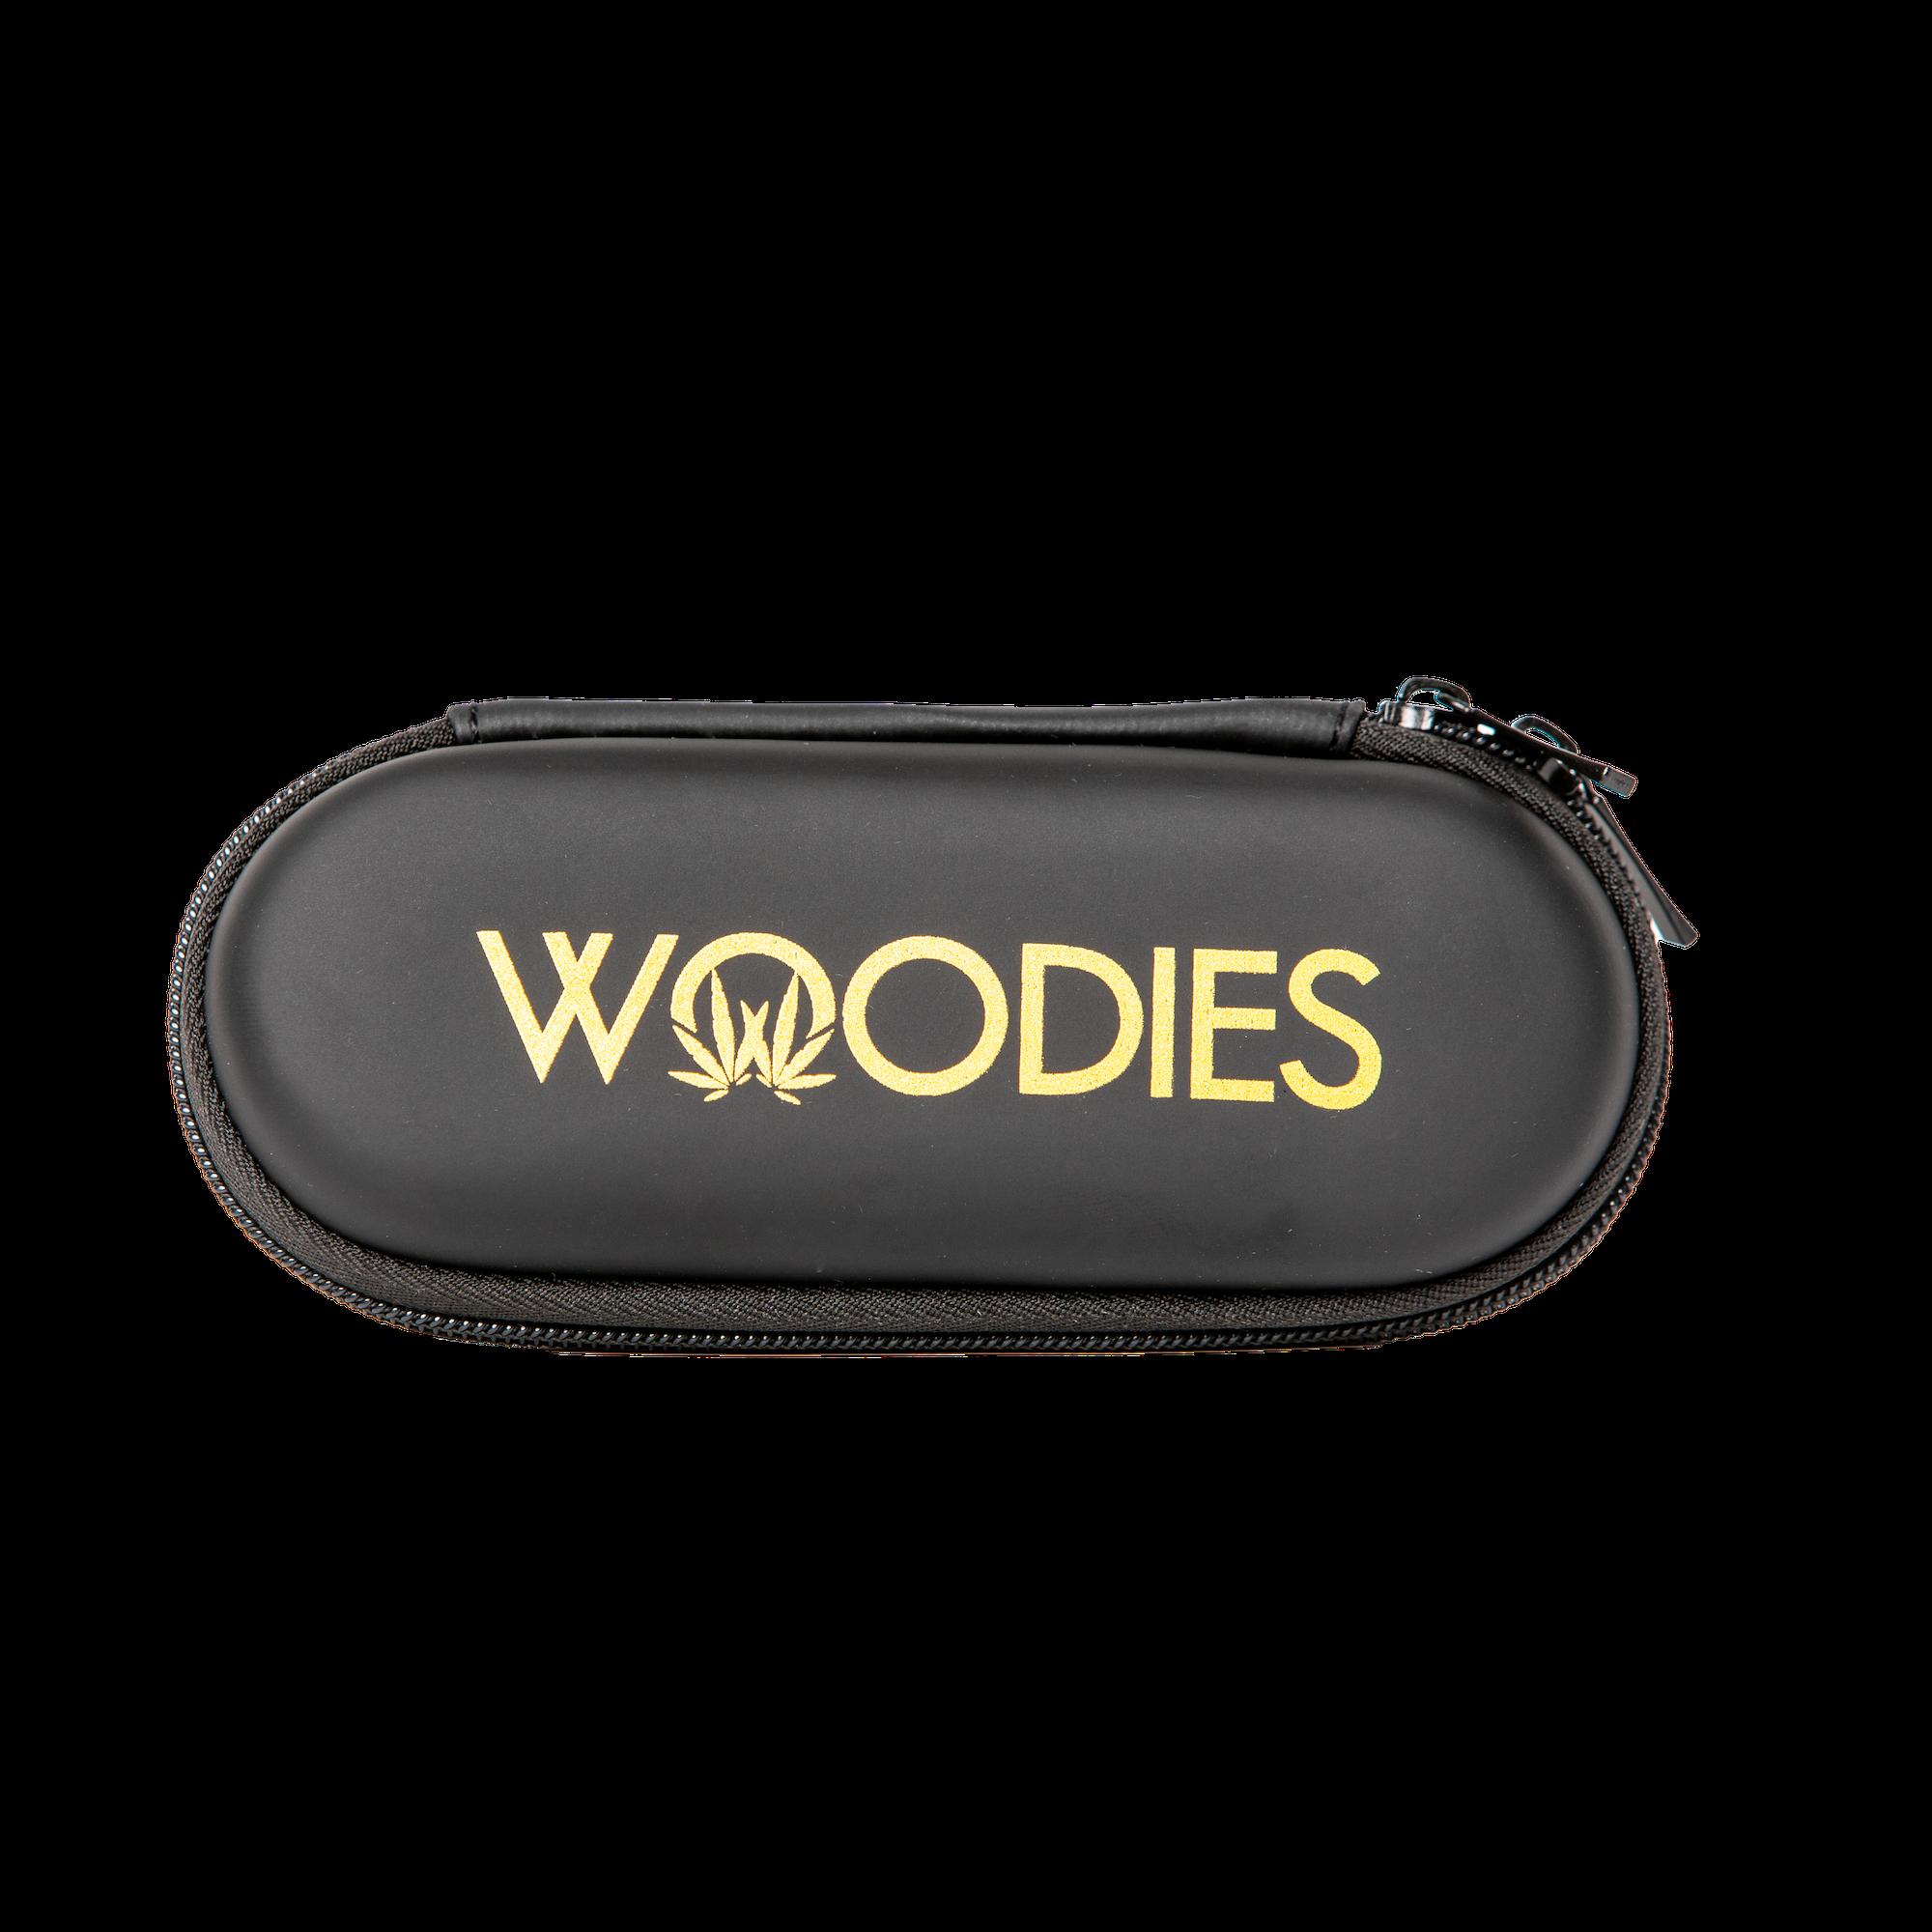 Woodies Vape Kit